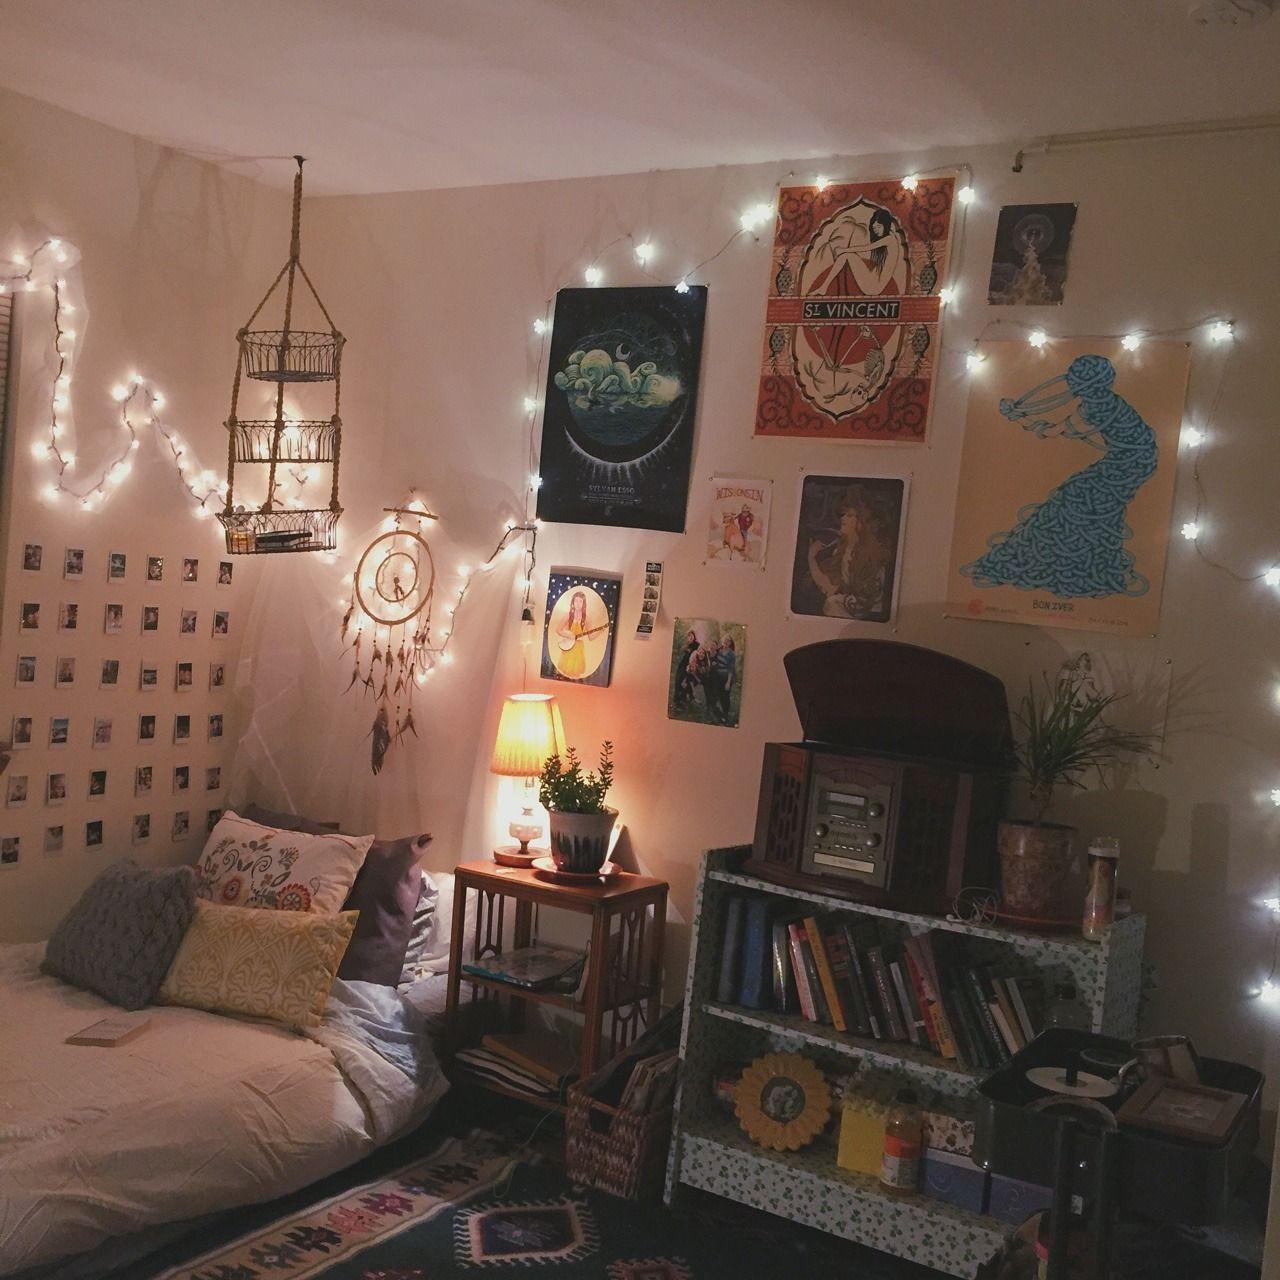 Apartment Bedroom: Indie Bedroom Decor, Indie Room